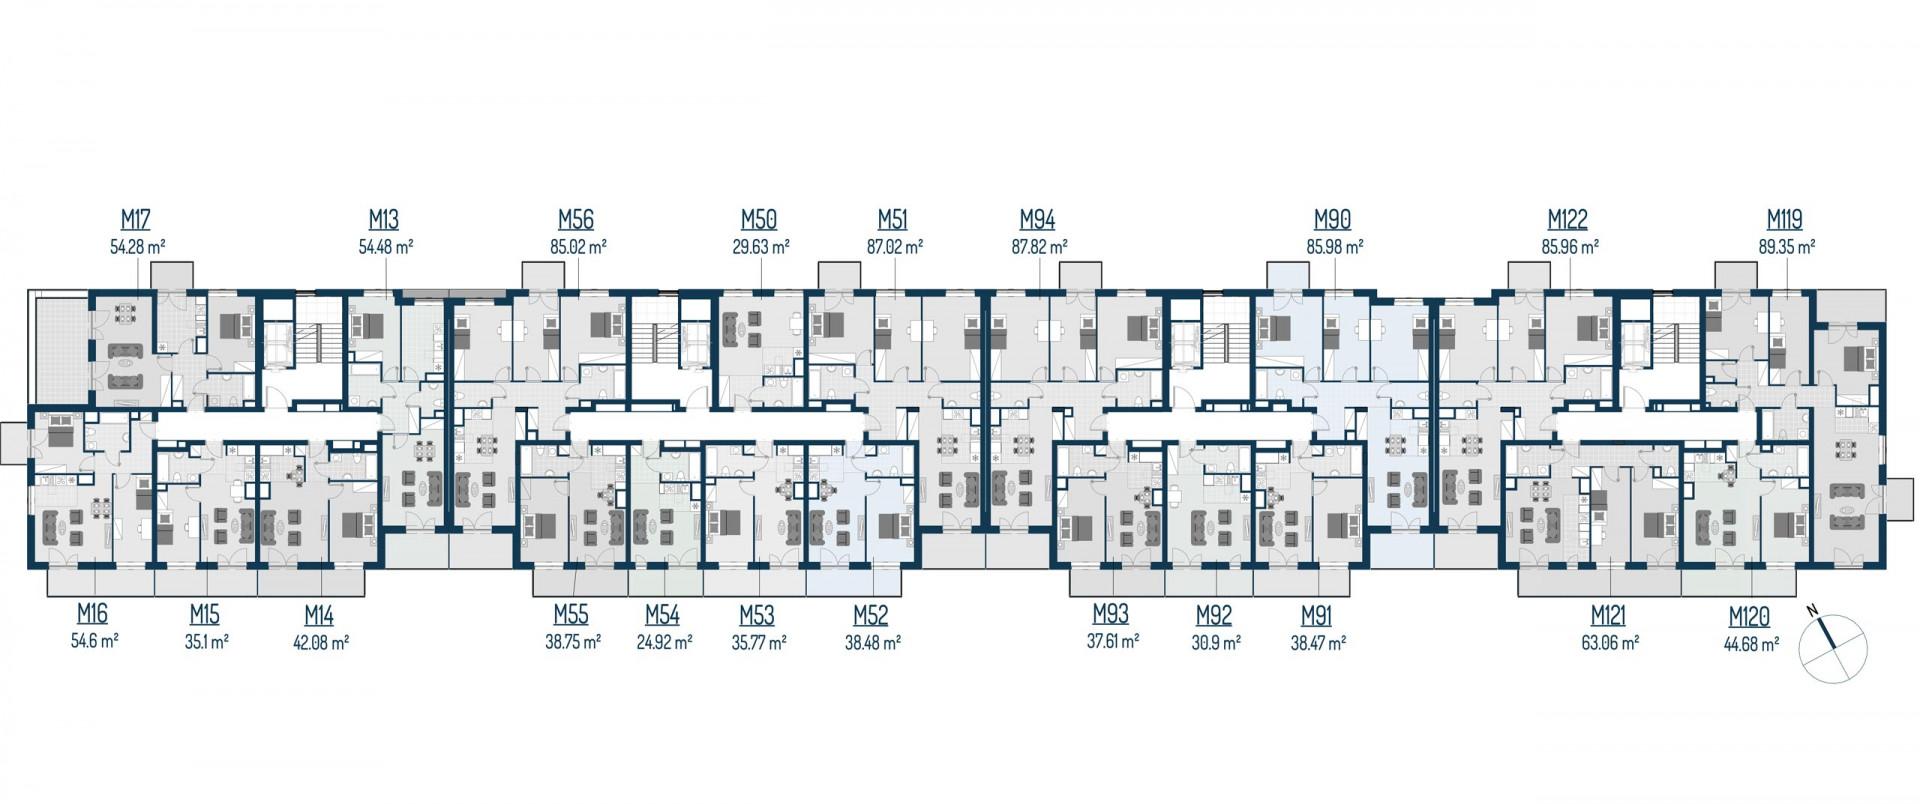 Zdrowe Stylove / budynek 2 / mieszkanie nr 16 rzut 2